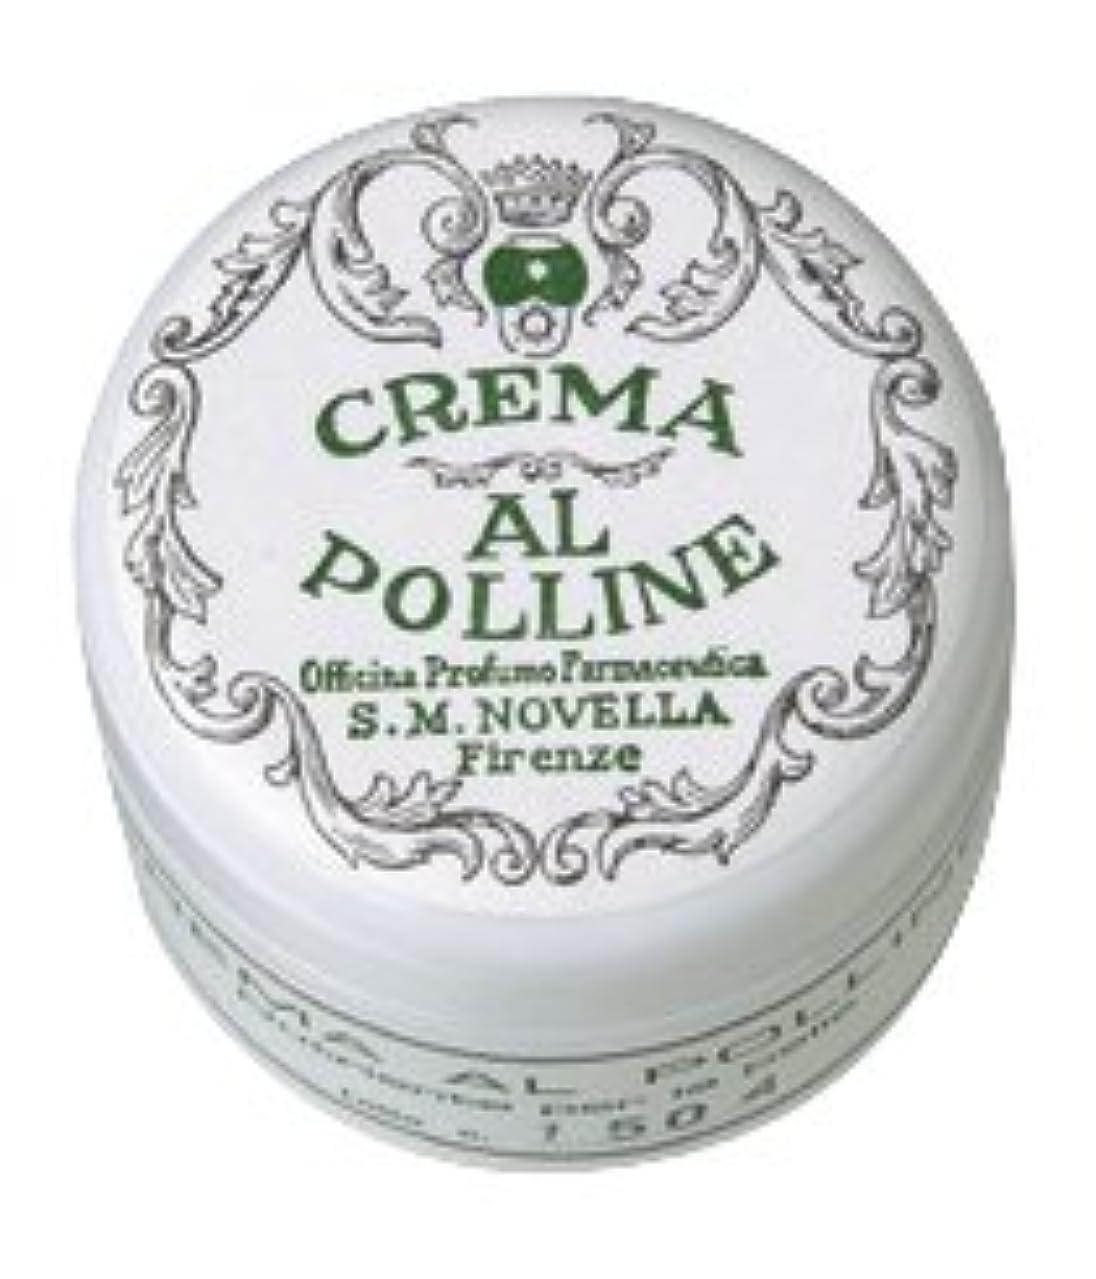 シャンプー悪の【Santa Maria Novella(サンタマリアノヴェッラ )】ポーリンクリーム 50ml Crema al Polline